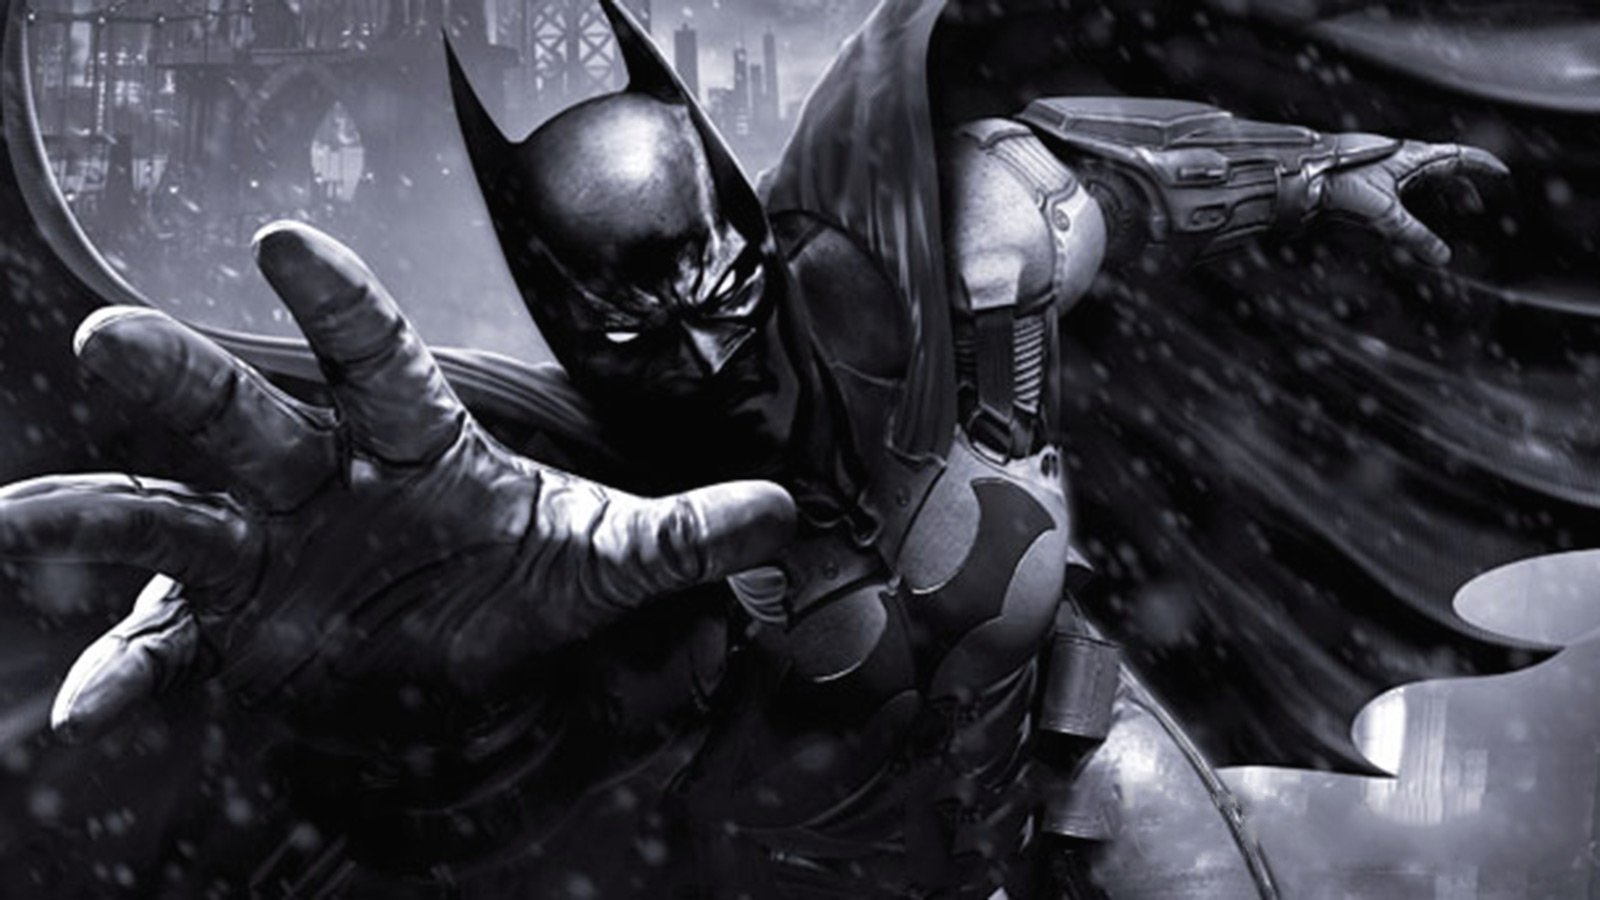 Batman Arkham Origins Wallpaper Download 1600x900